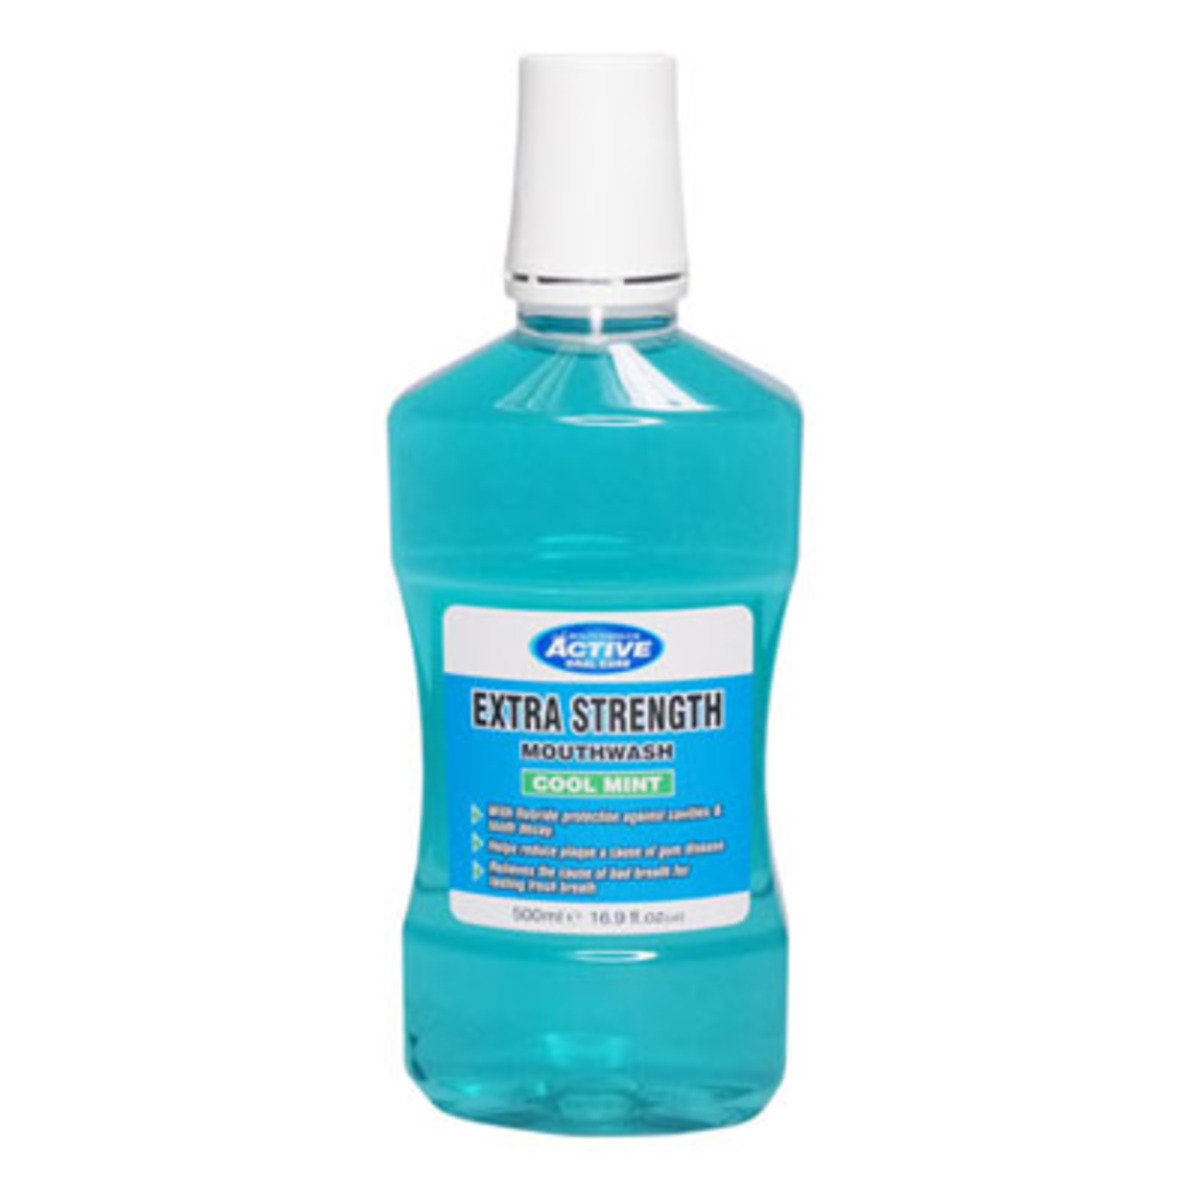 冰涼薄荷強效含氟漱口水